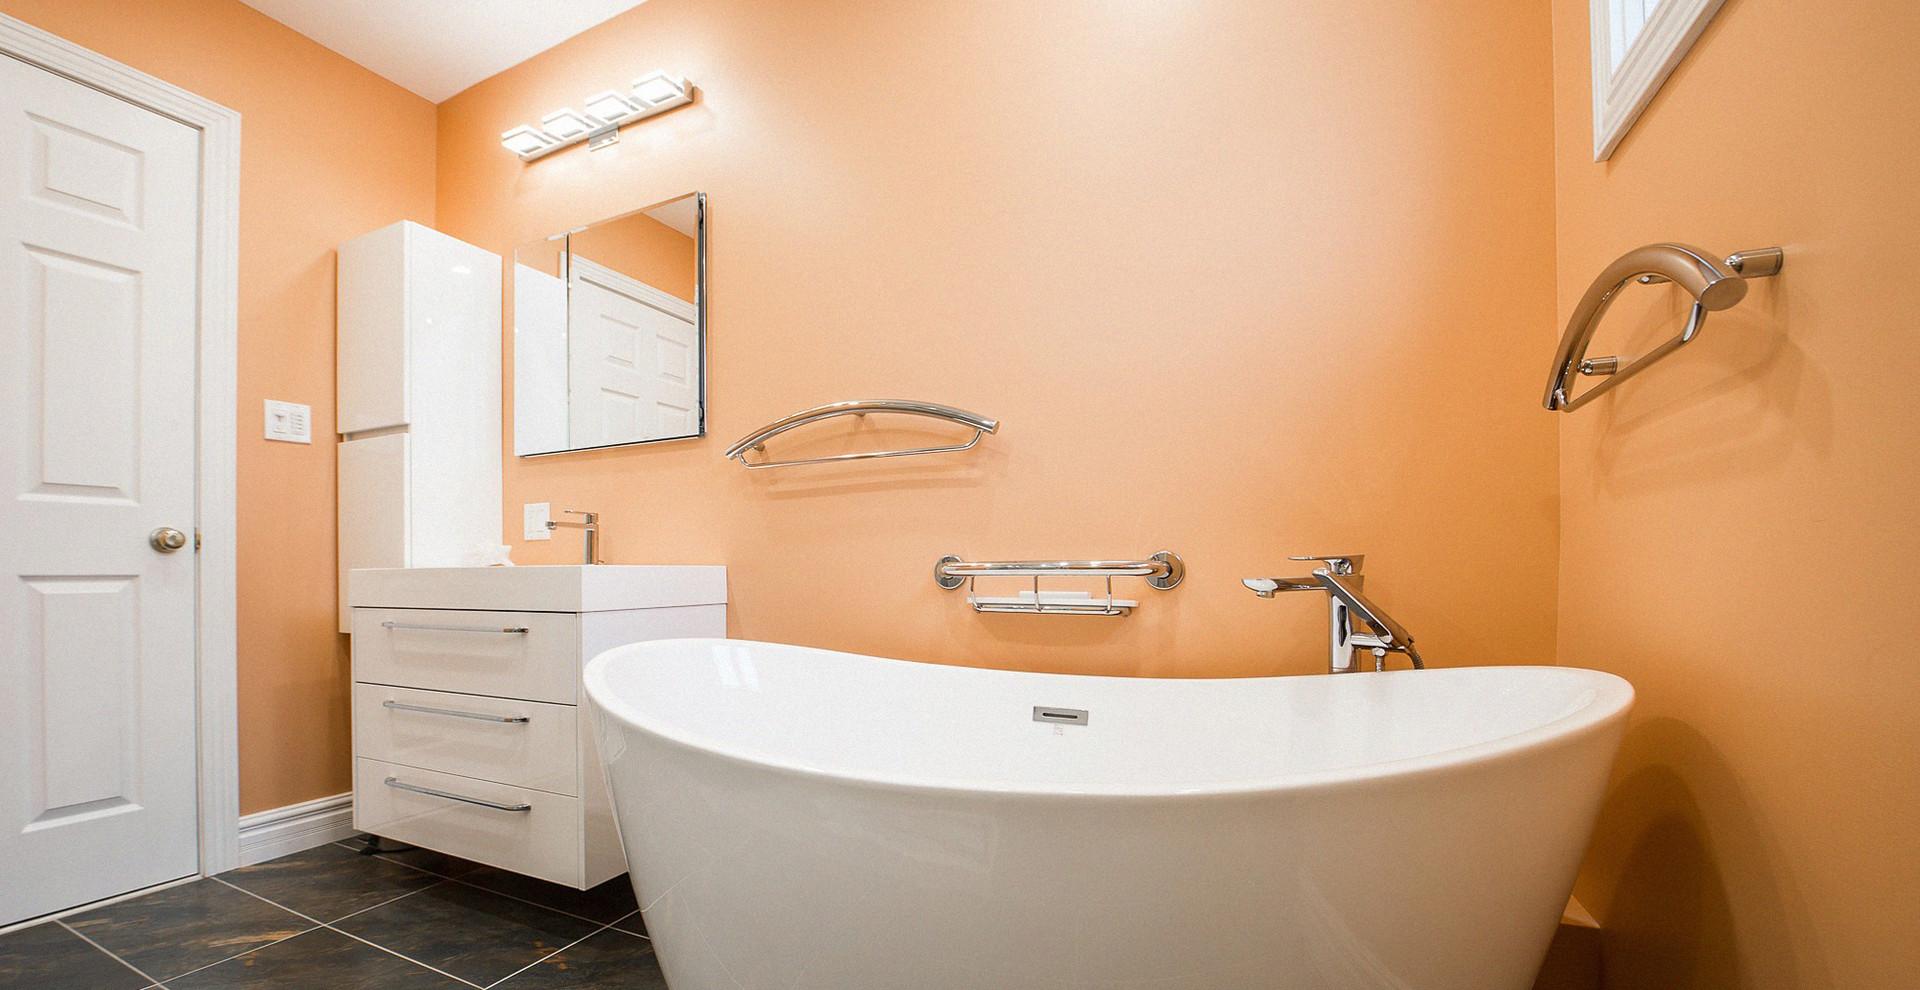 Farbgestaltung Badezimmer